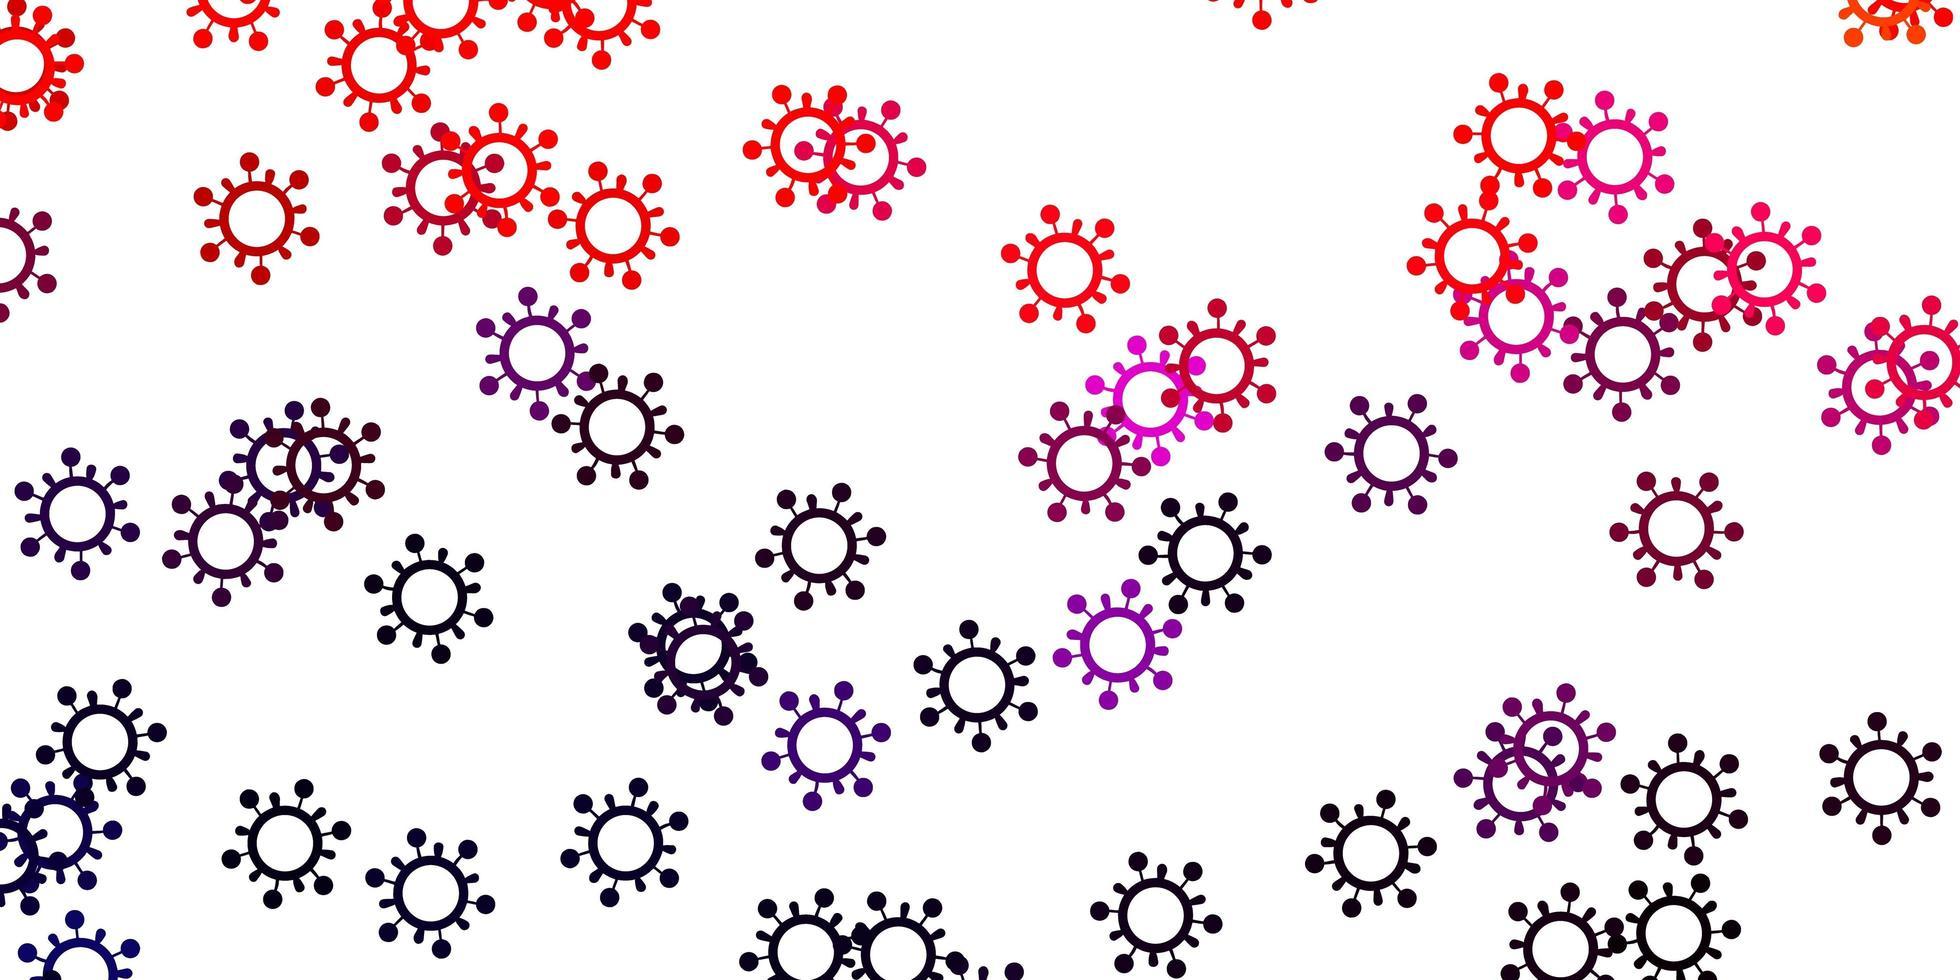 sfondo vettoriale rosa chiaro, rosso con simboli di virus.